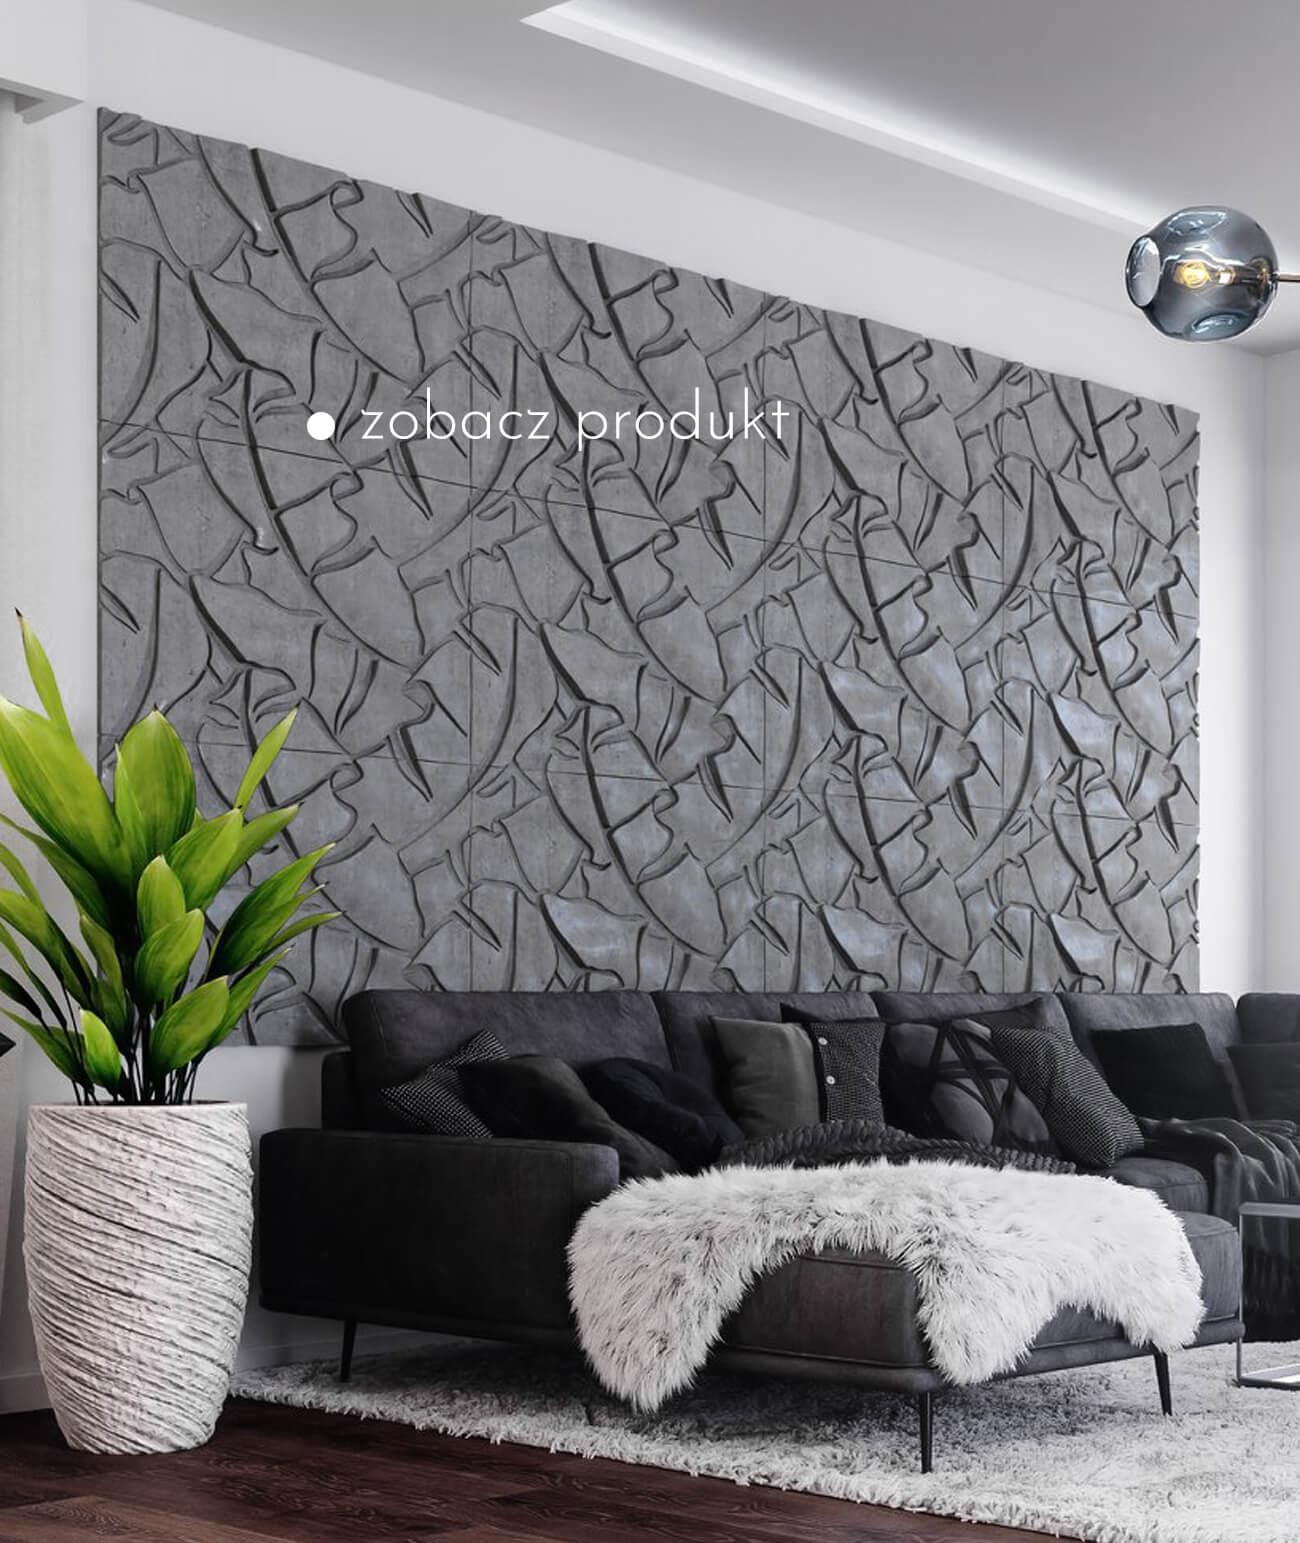 panele-betonowe-3d-scienne-i-elewacyjne-beton-architektoniczny_377-2090-pb34-s96-ciemno-szary-botanical---panel-dekor-3d-beton-architektoniczny-panel-scienny